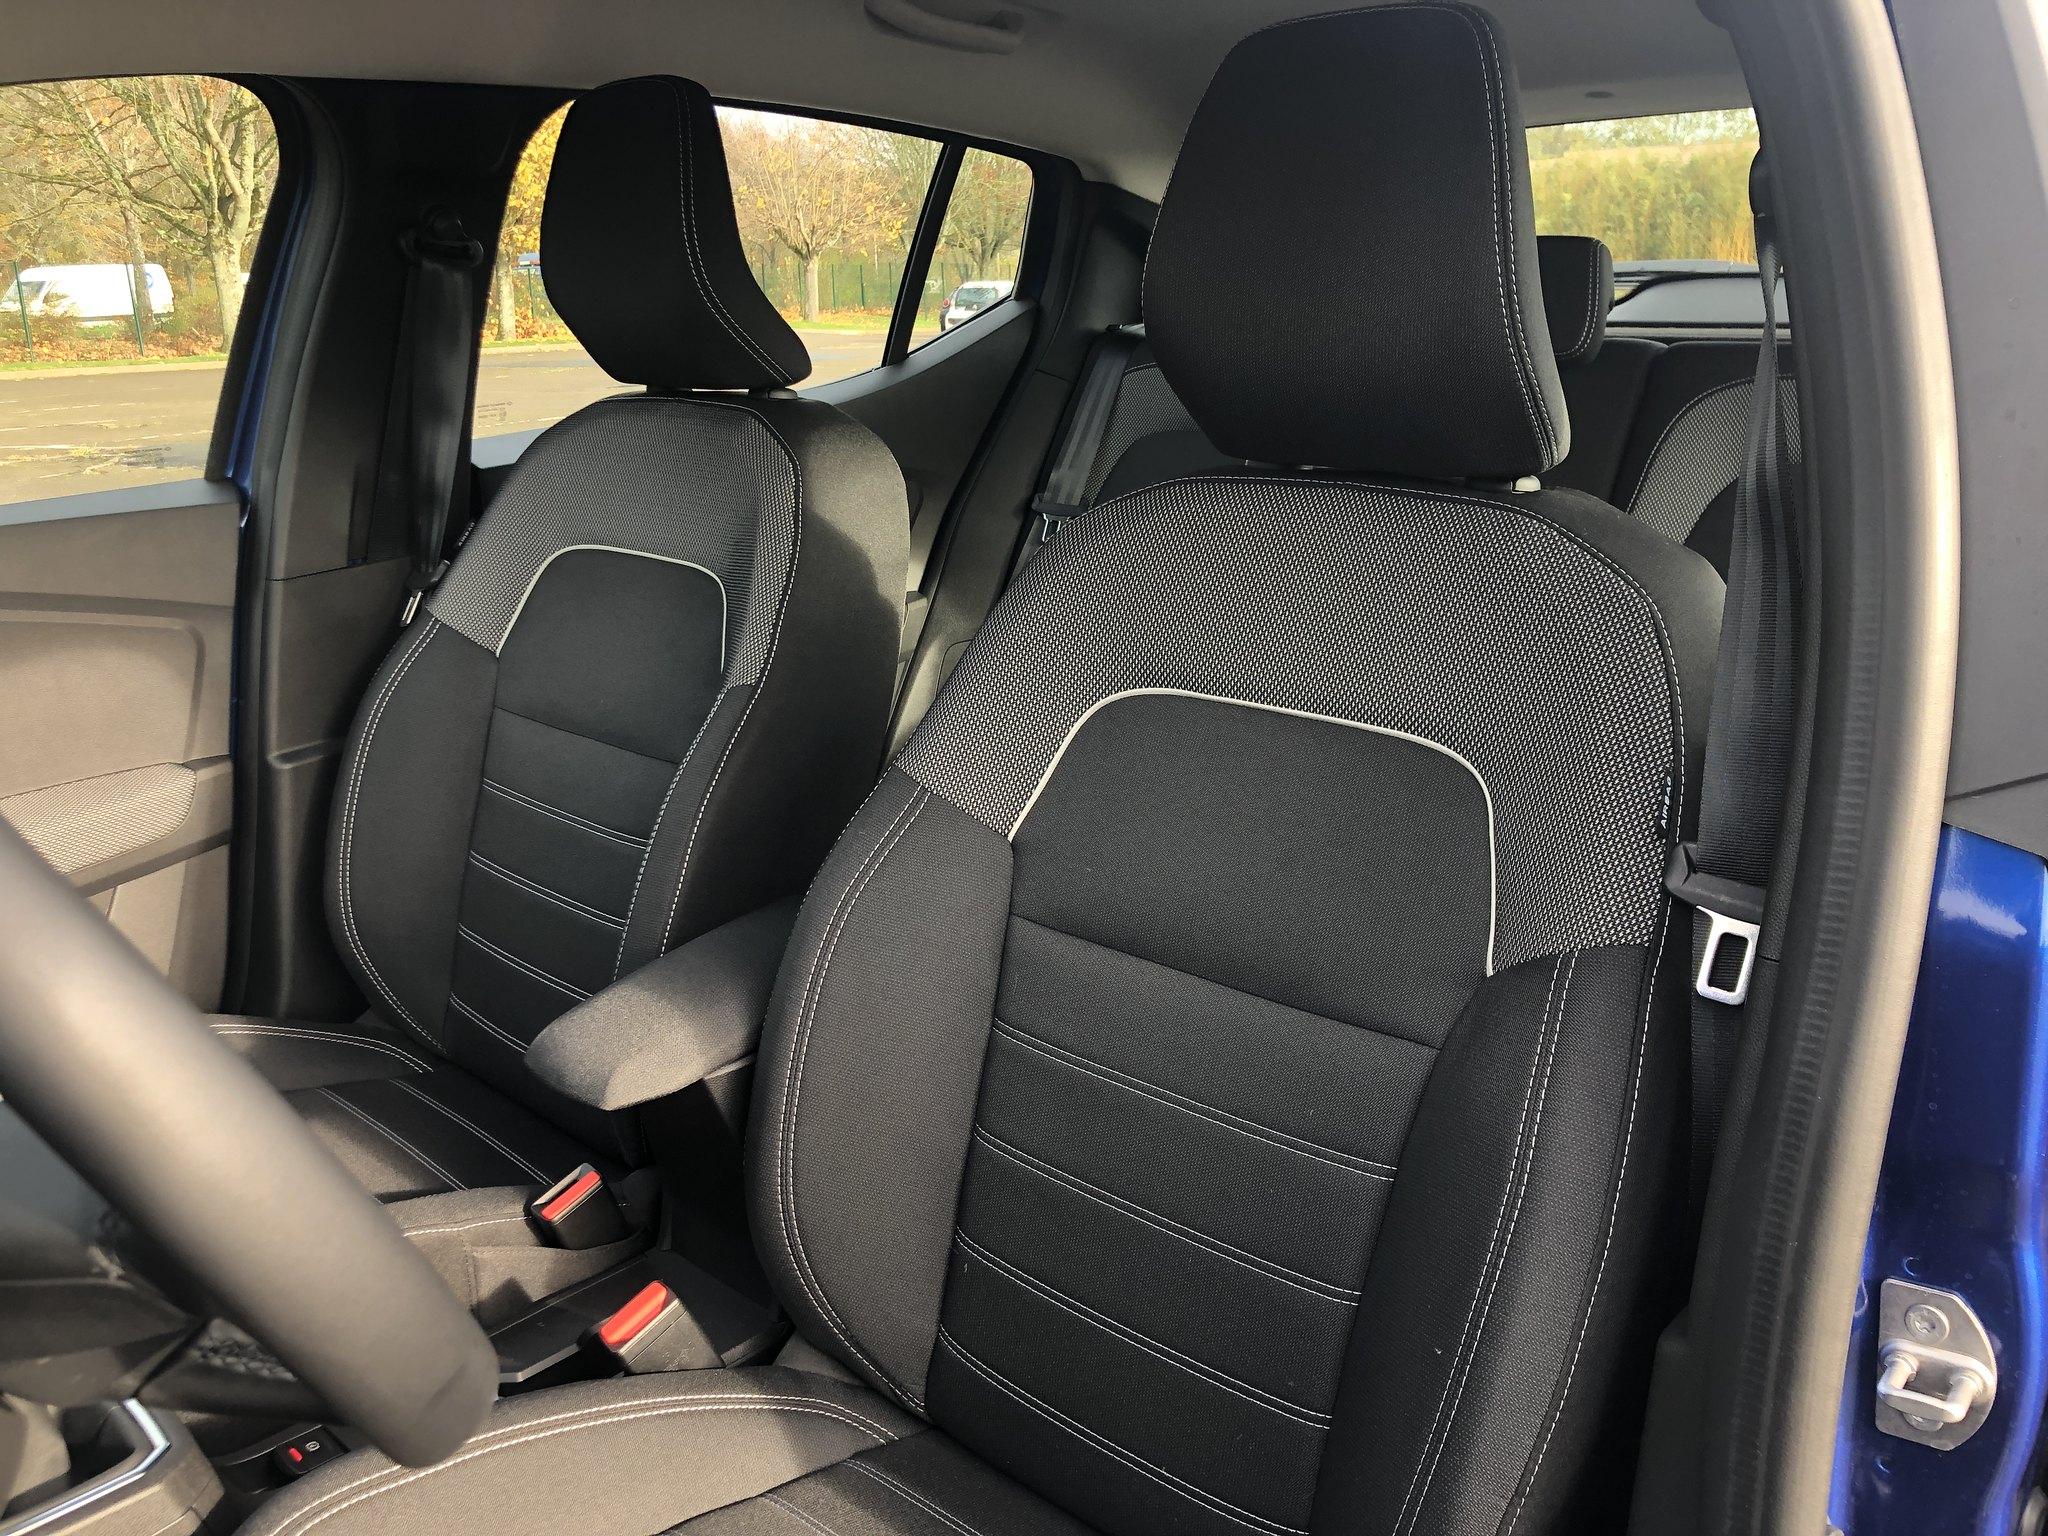 Essai Dacia Sandero Tce 90 Confort (21)